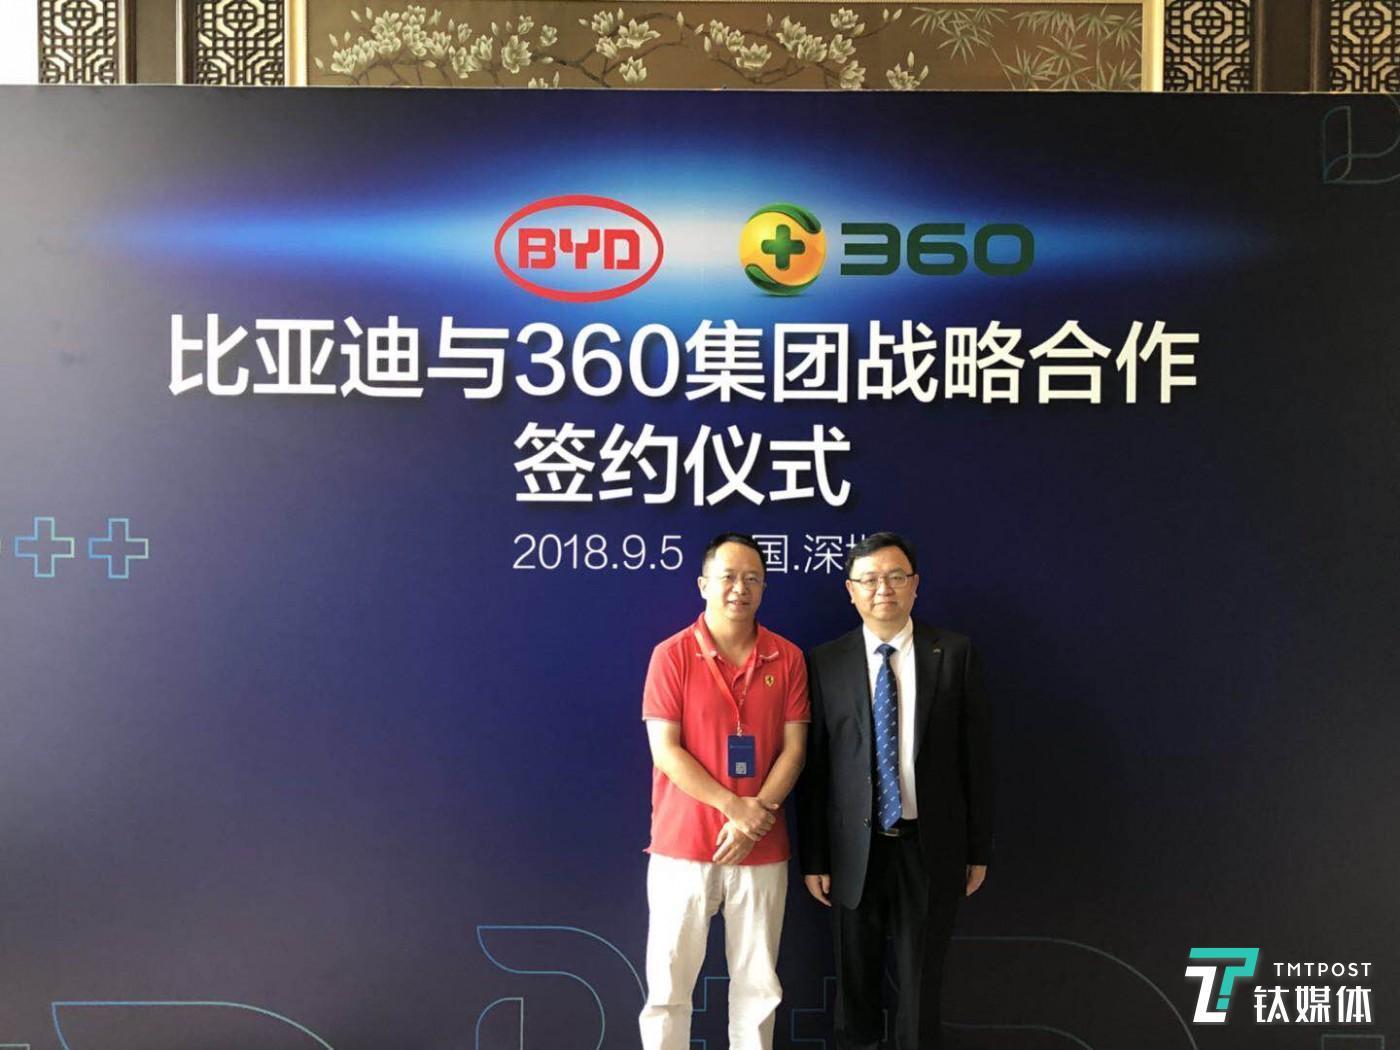 360集团董事长周鸿祎(左)和比亚迪集团董事长王传福